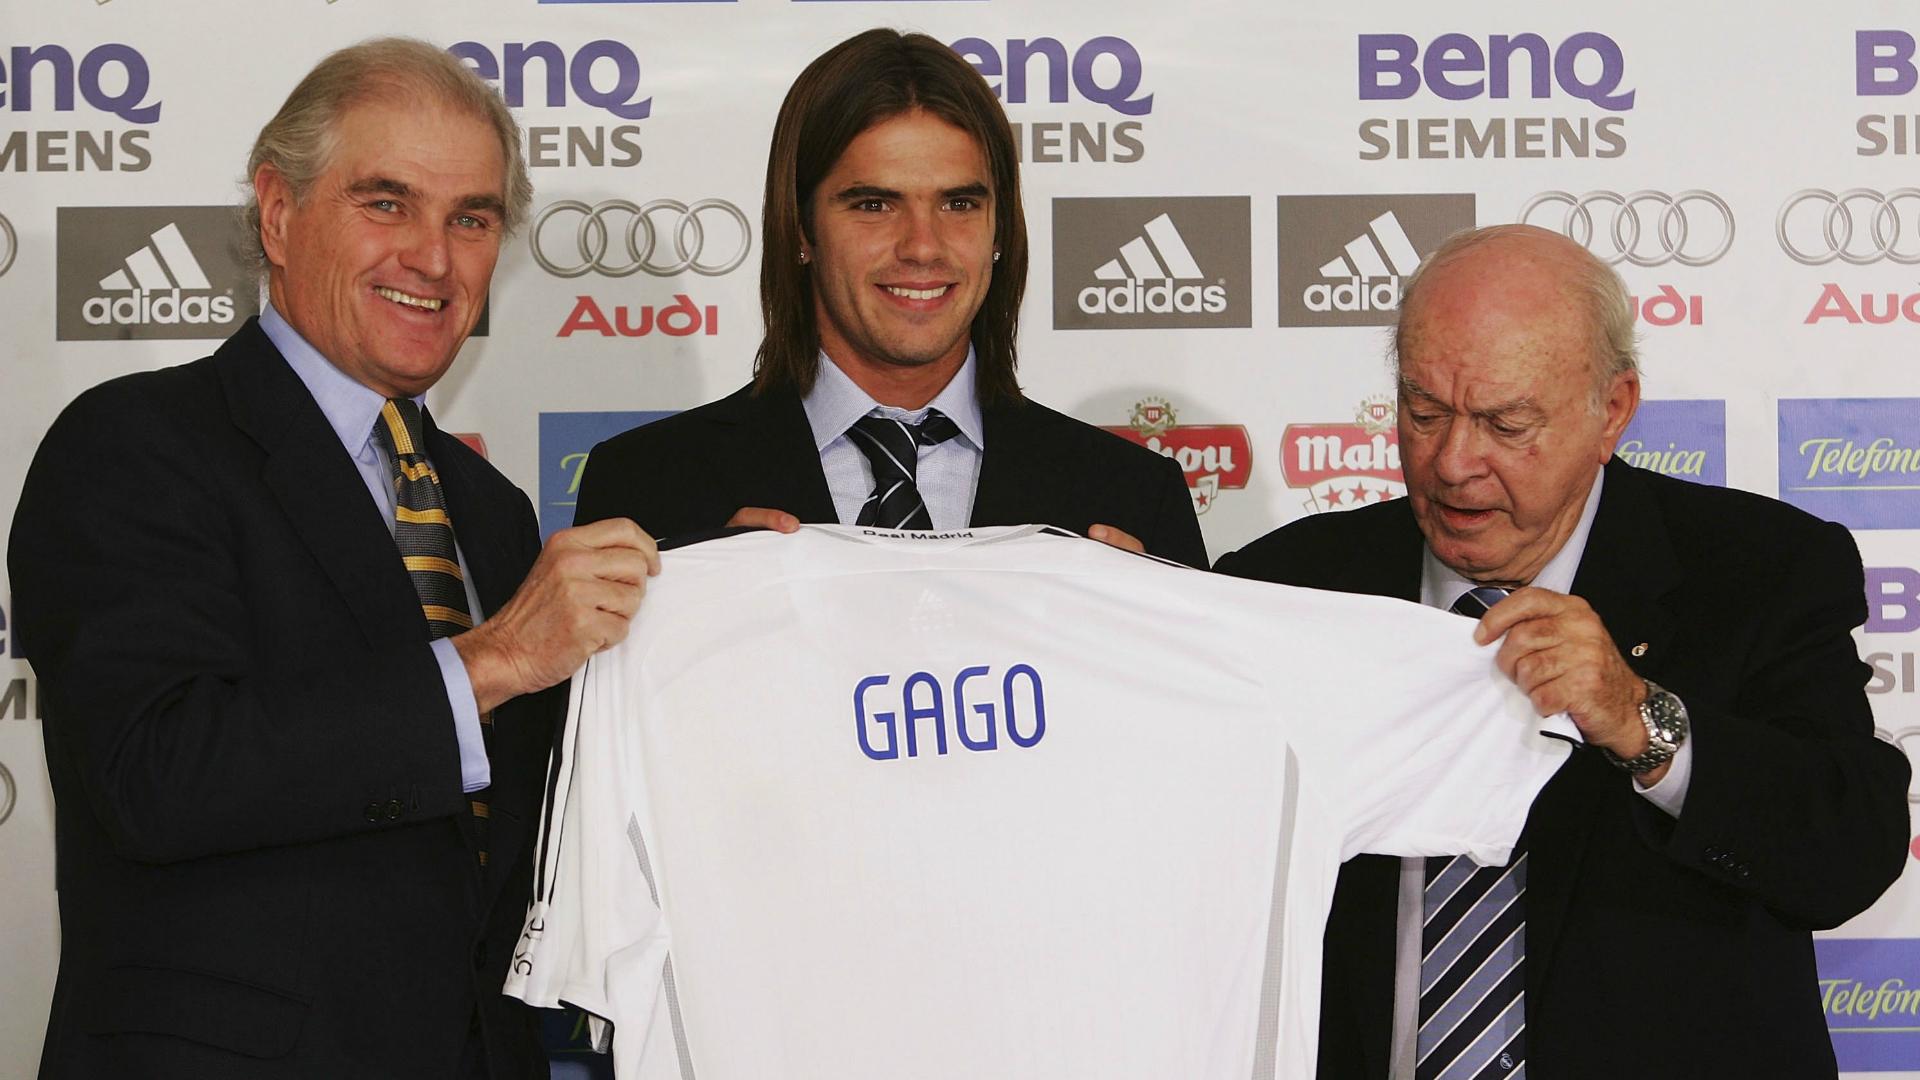 Fernando Gago Real Madrid unveiling